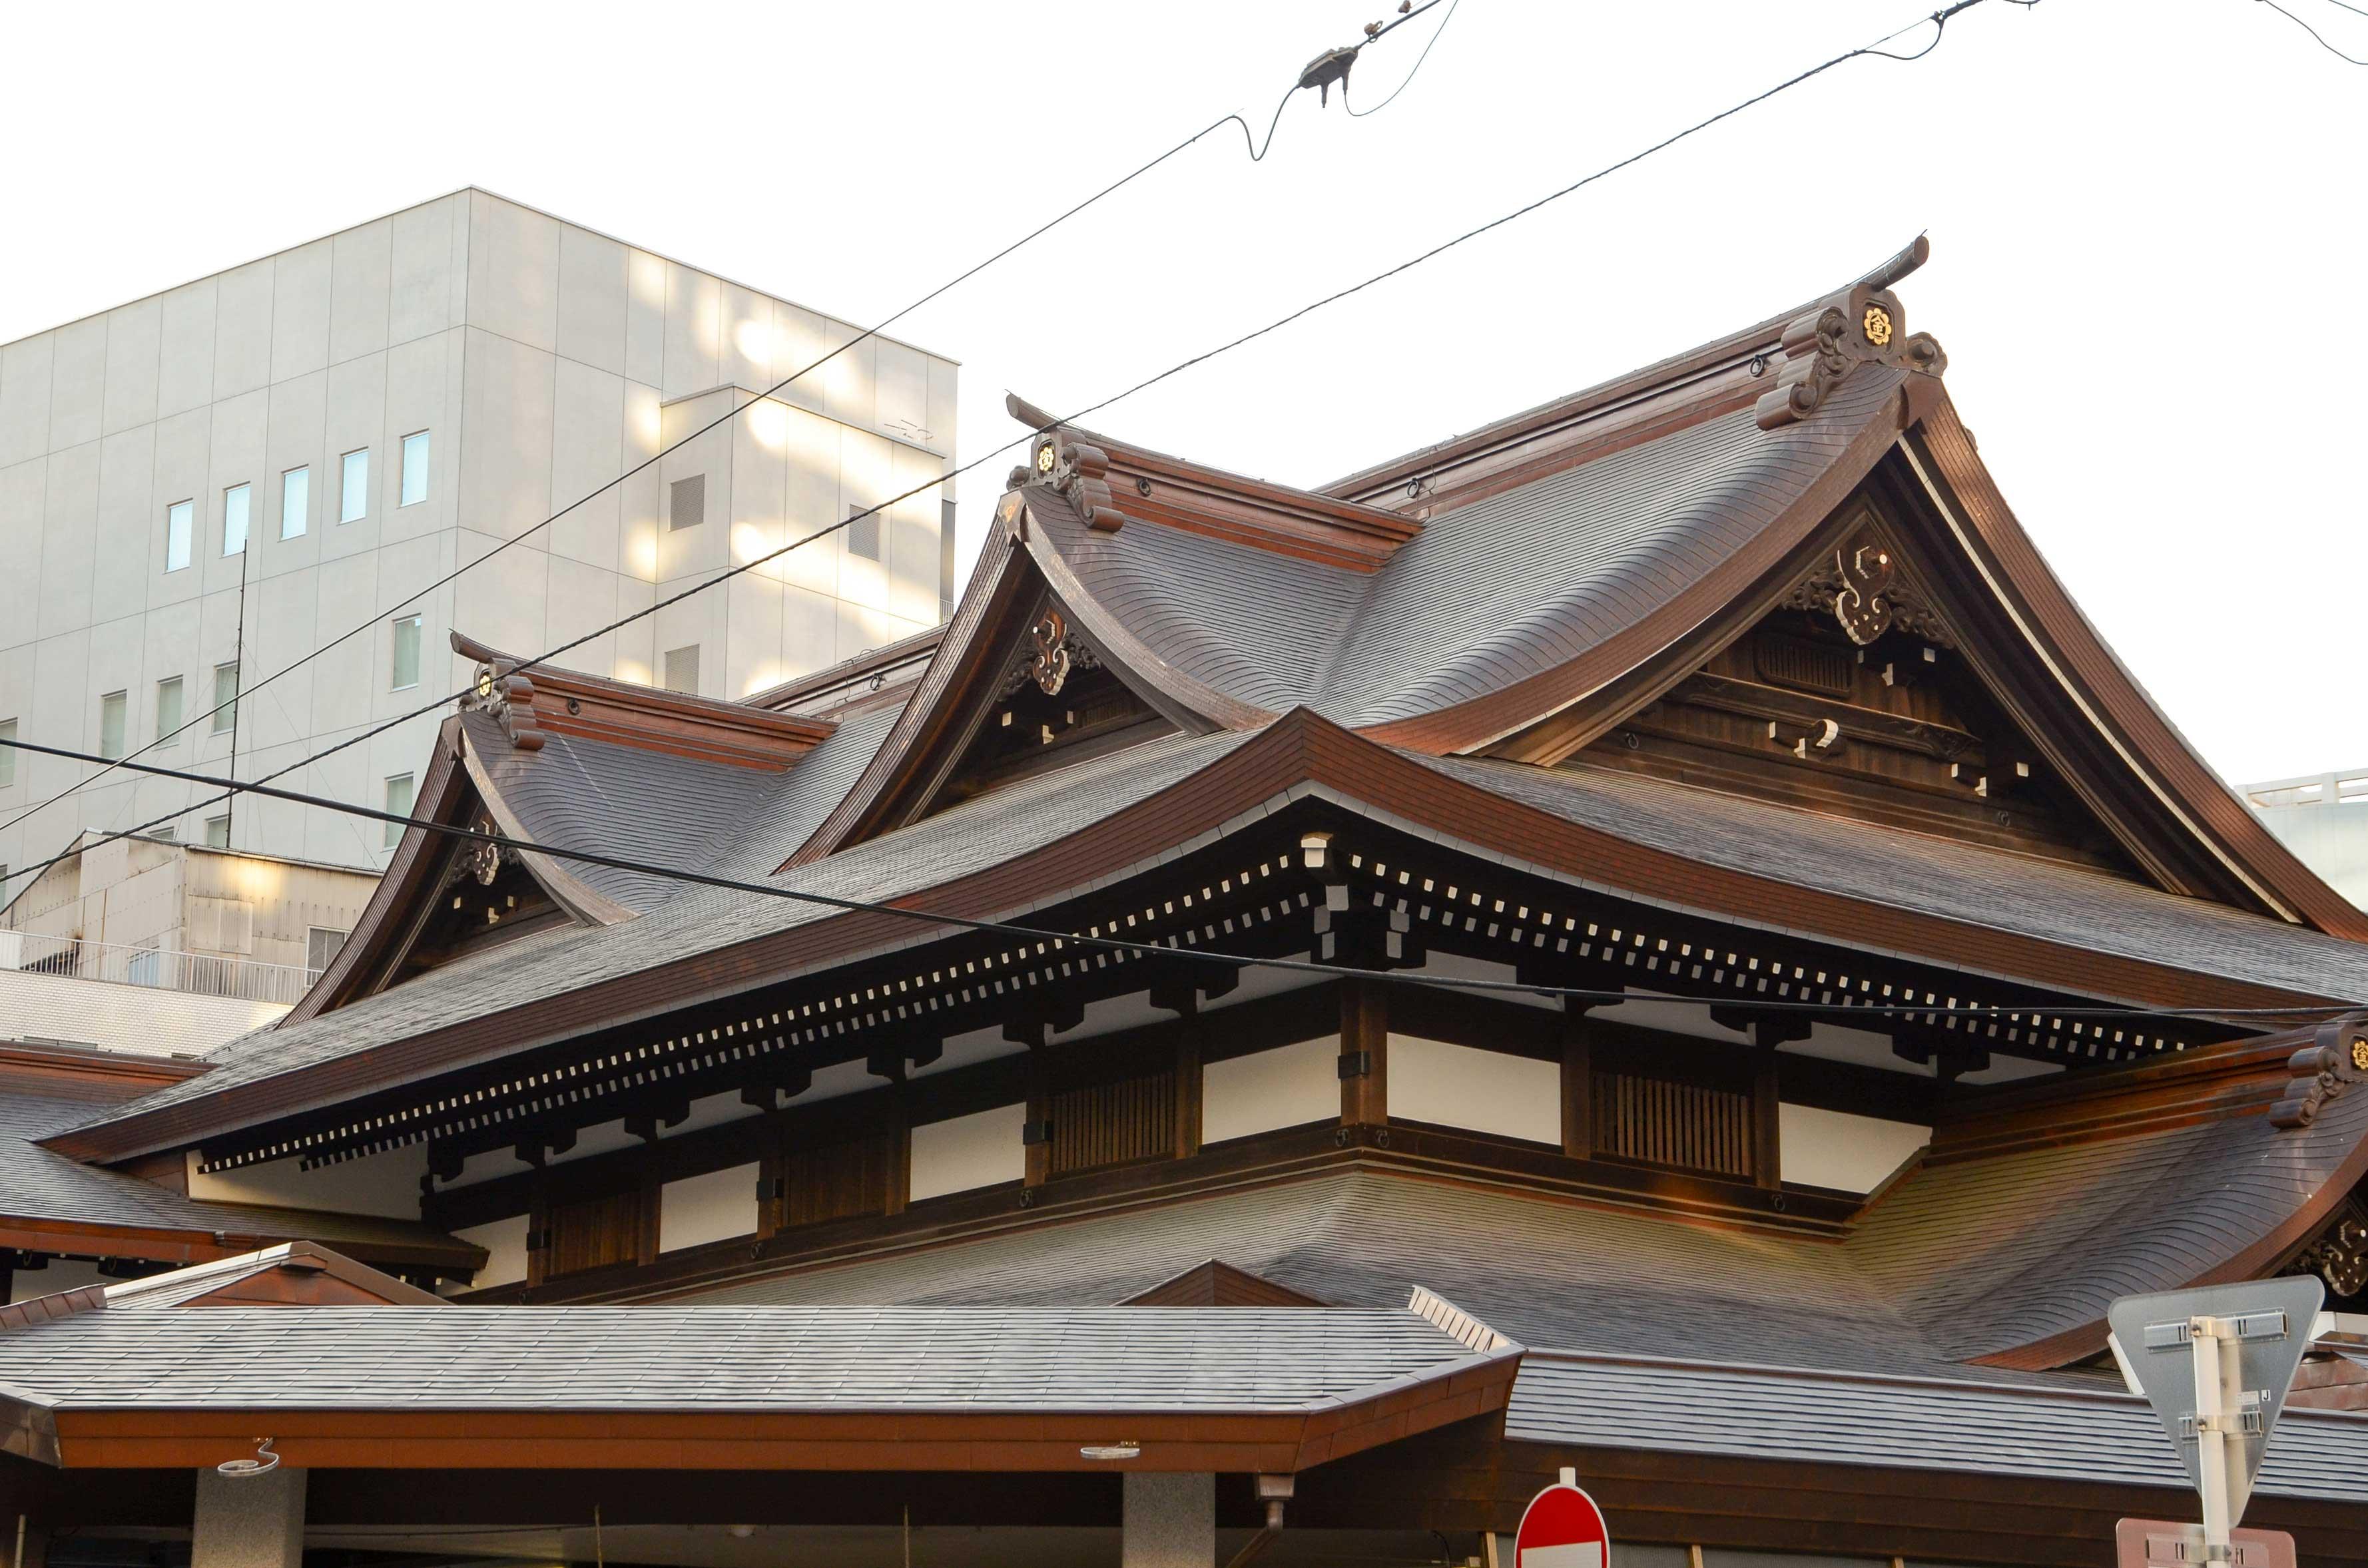 <p>主屋根上部</p>南西角の玄関が主たる入り口。その角度から華やかな千鳥破風が見える。